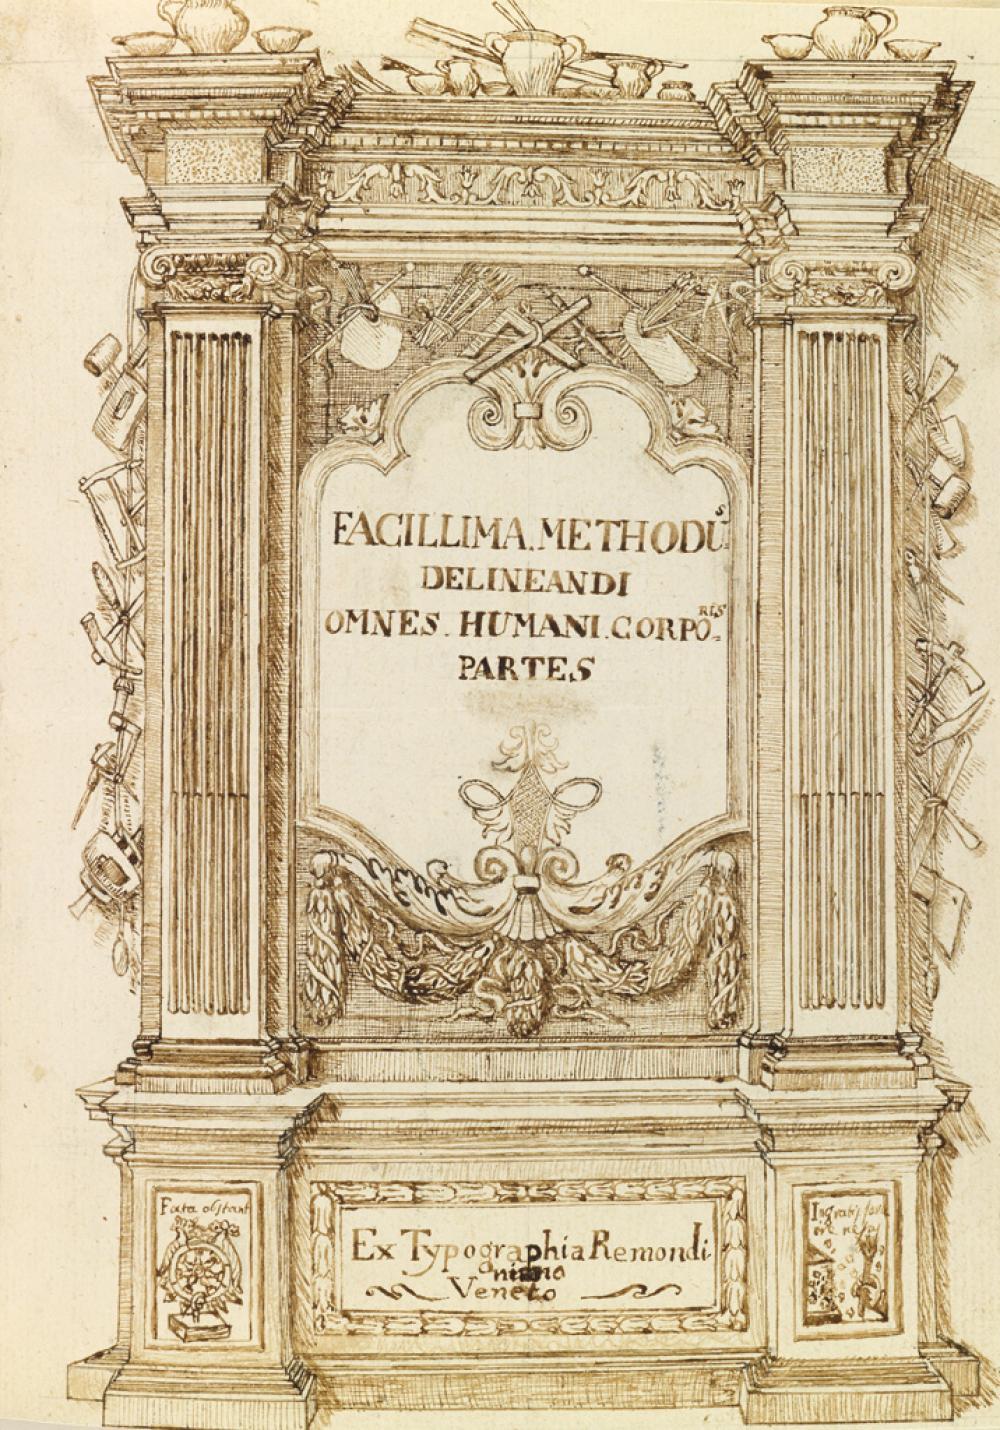 (ARTISTS'' MANUAL.) Piazzetta, Giambatista [Giovanni Battista] (after) Manuscript copy of Facillima methodus delineandi omnes humani co